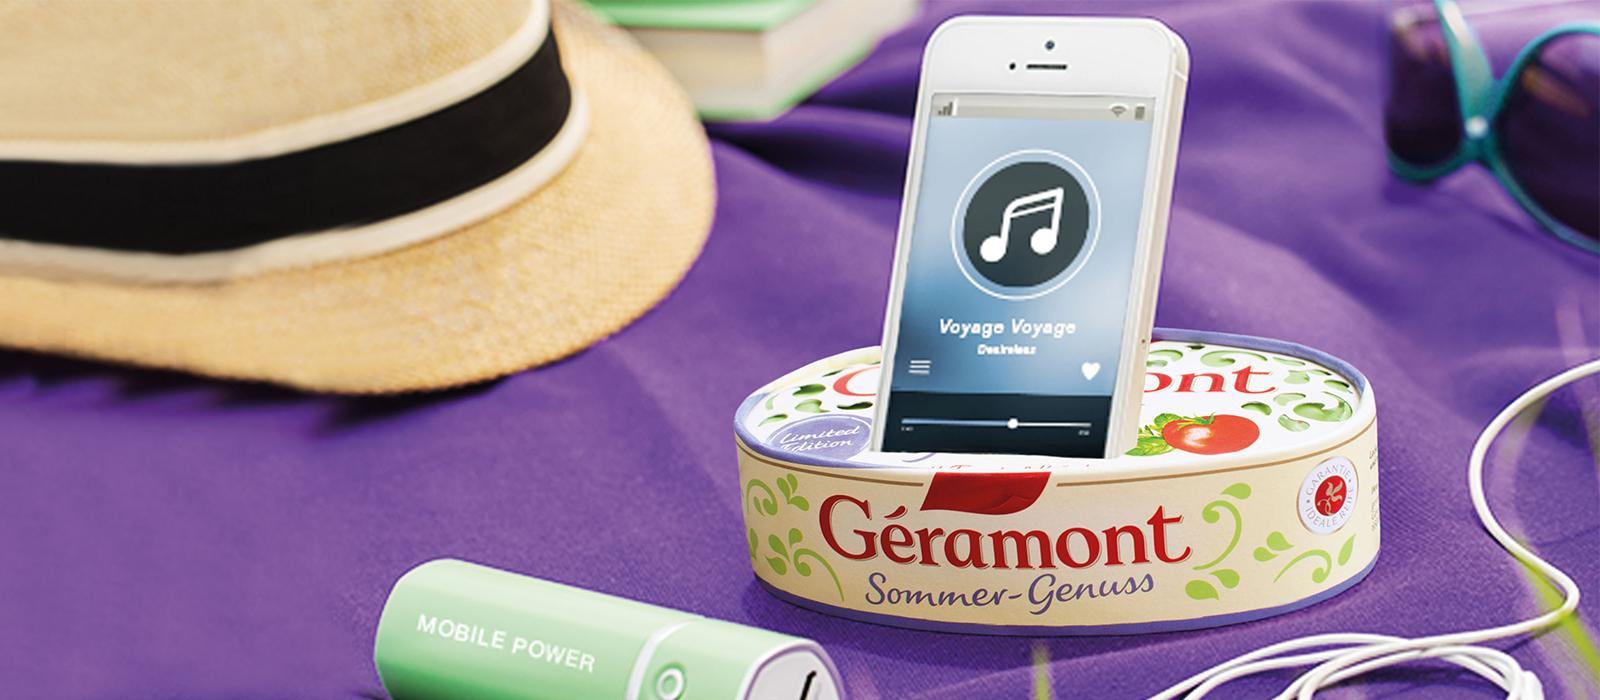 DIY Handyhalterung mit Géramont-Verpackung.